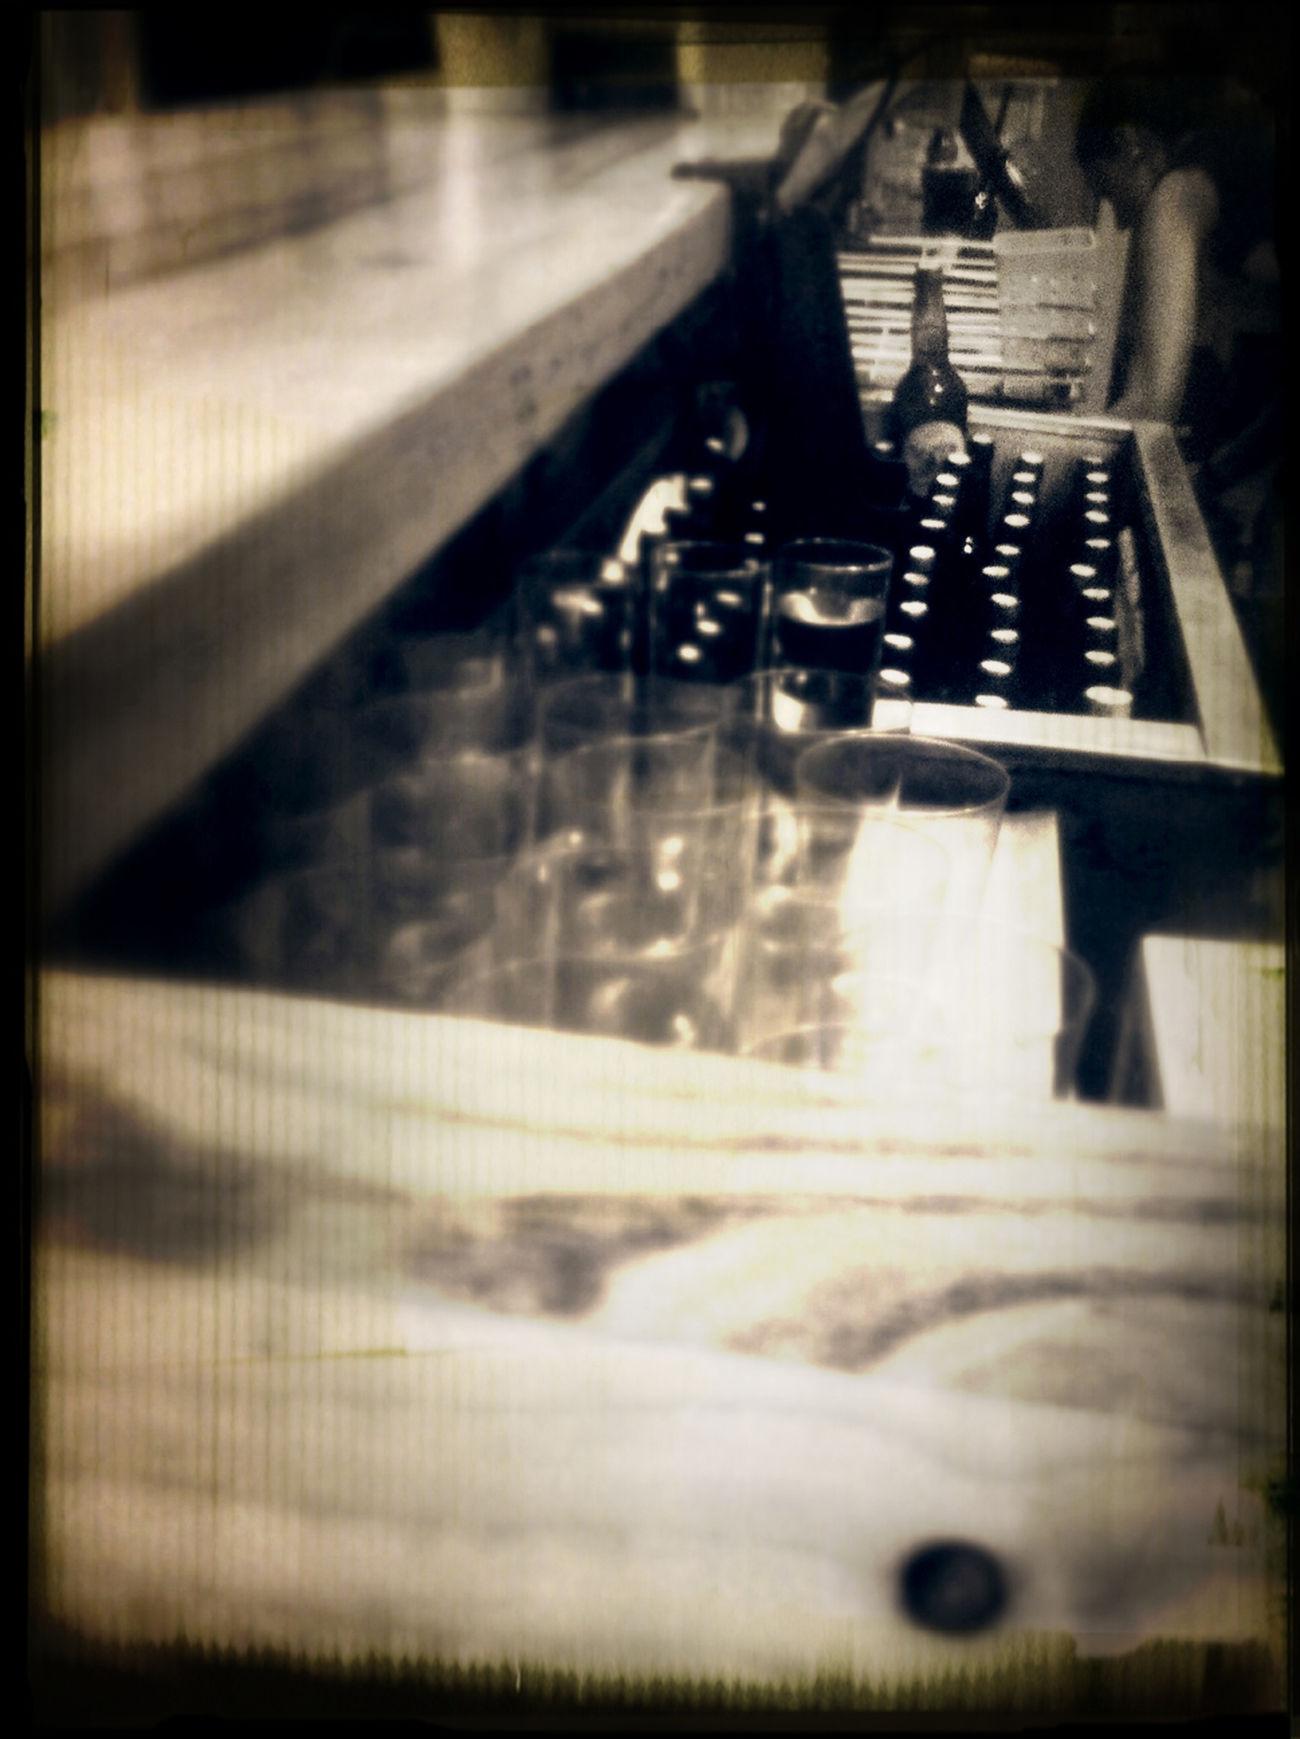 Preparando unas sidrinas